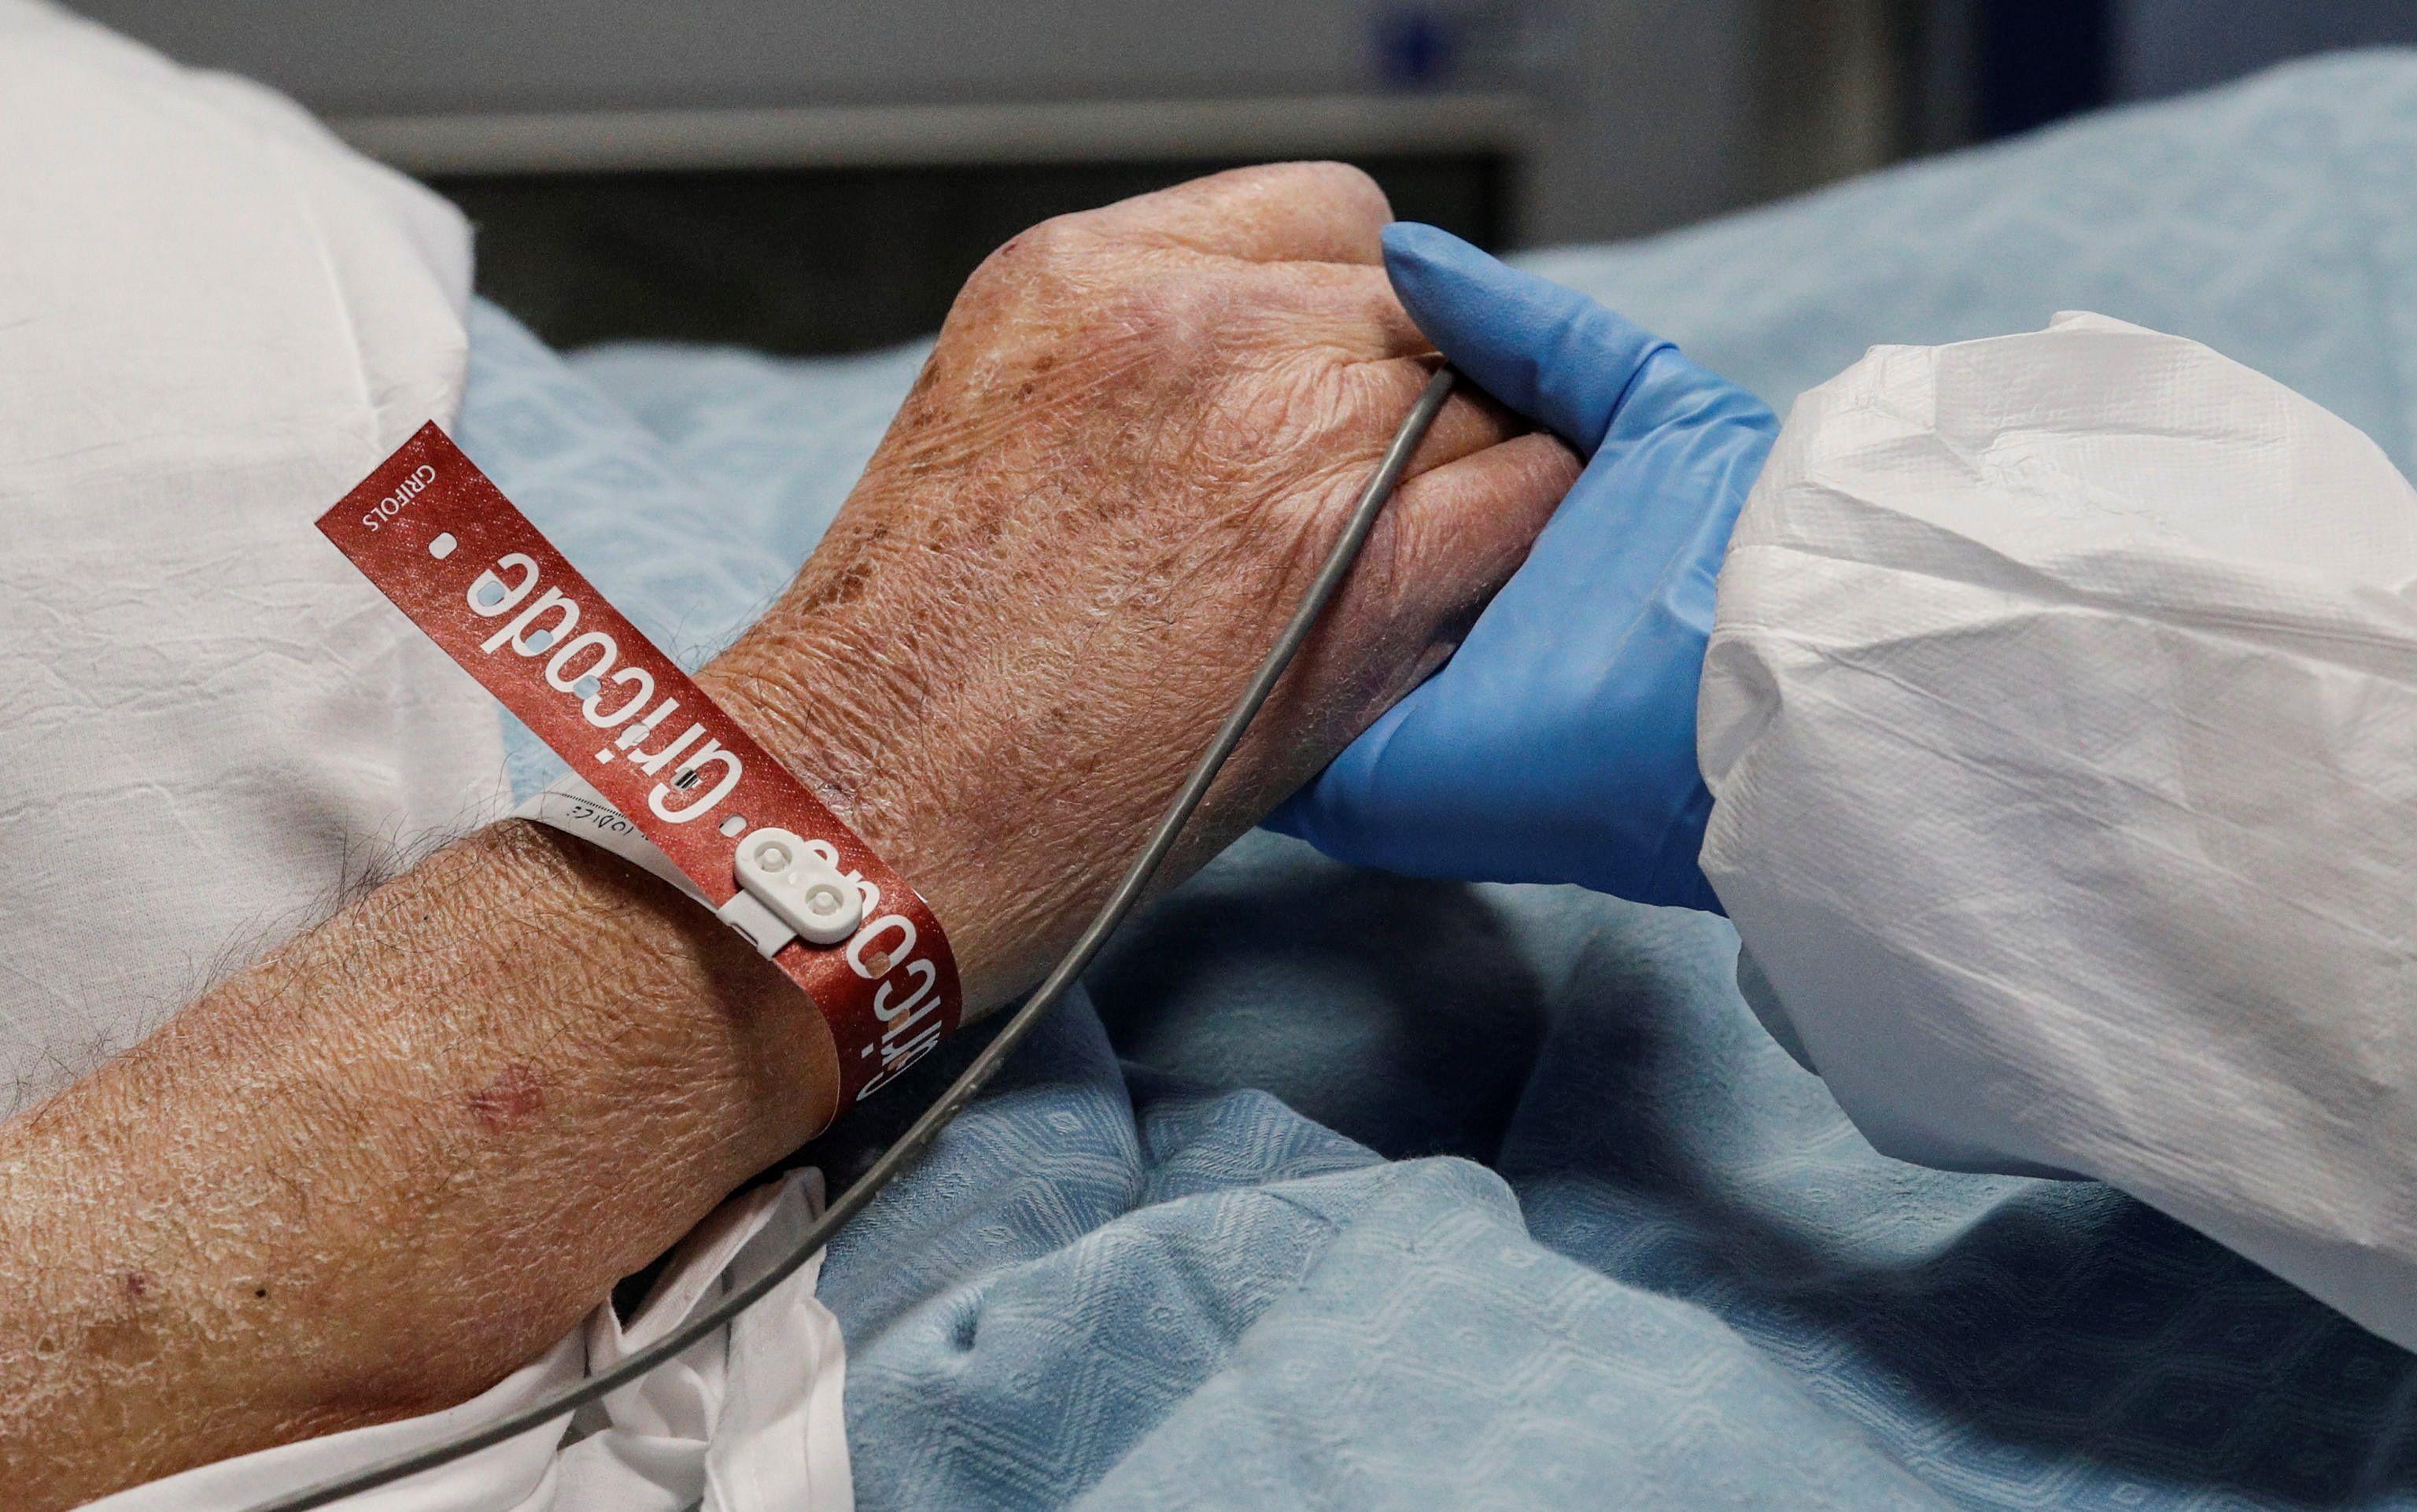 Una enfermera toma de la mano a un paciente de Covid en un hospital de Roma. EFE/EPA/Giuseppe Lami